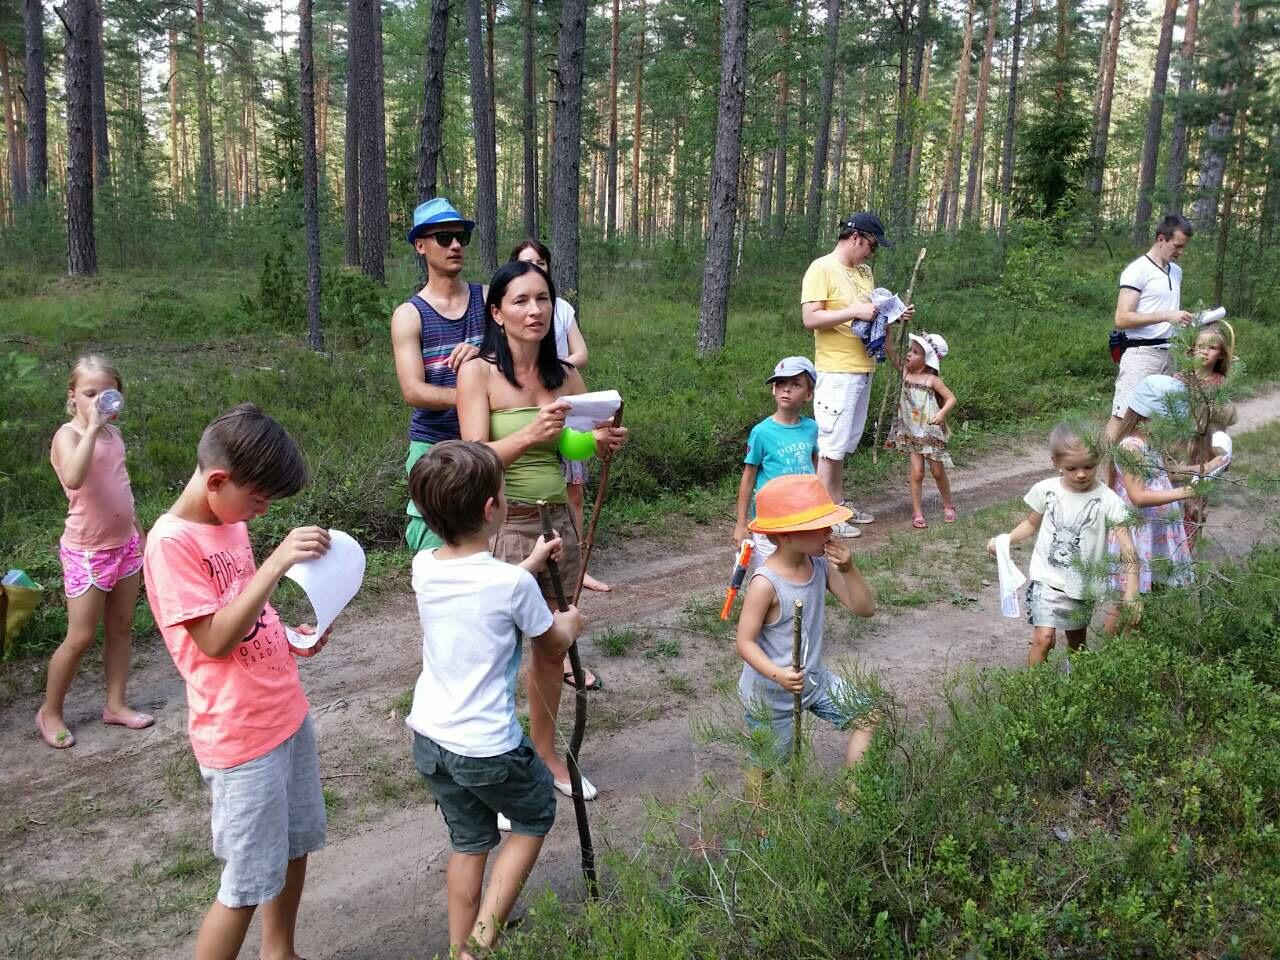 Visiem ekspedīcijas dalībniekiem pirms došanās mežā tika izdalītas koka nūjas, tāpat līdzi nestas arī lāpstas.